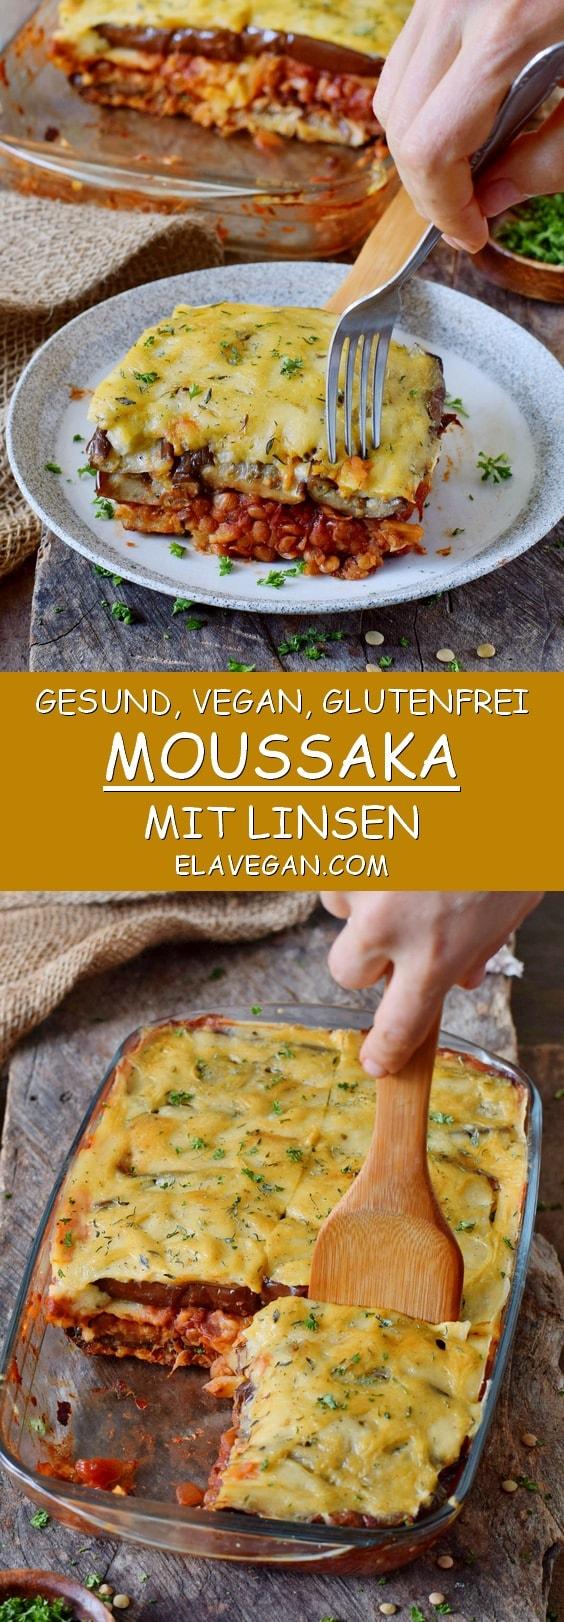 Gesund vegan glutenfrei Linsen Moussaka mit Auberginen Pinterest Collage